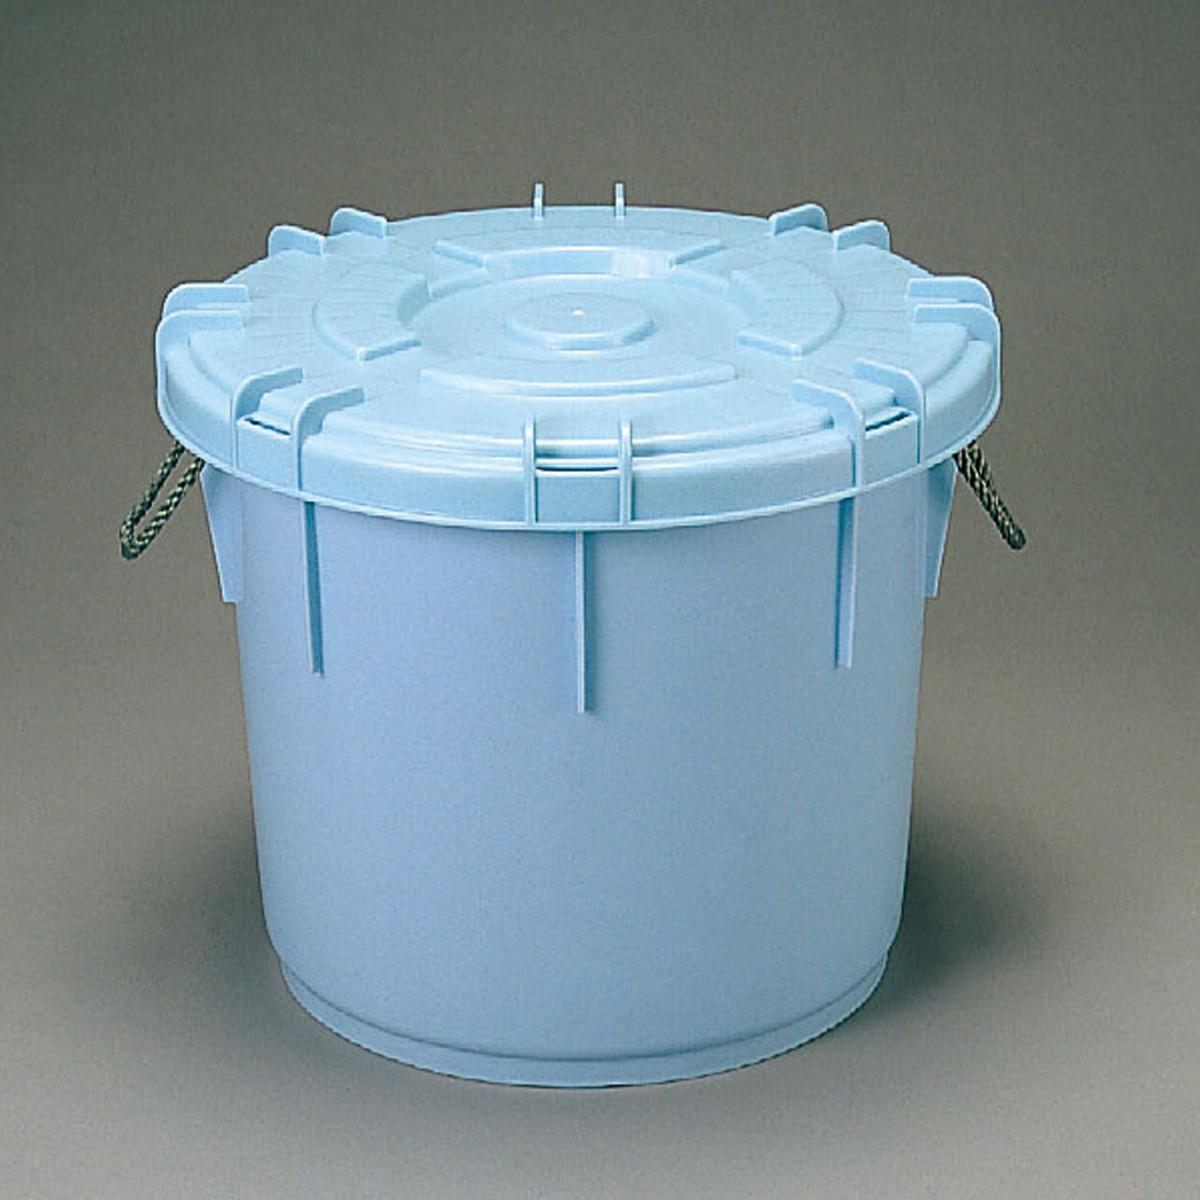 粘土貯蔵容器 ねじふた式 丸型 75L 【 陶芸 粘土 保管 保存 】